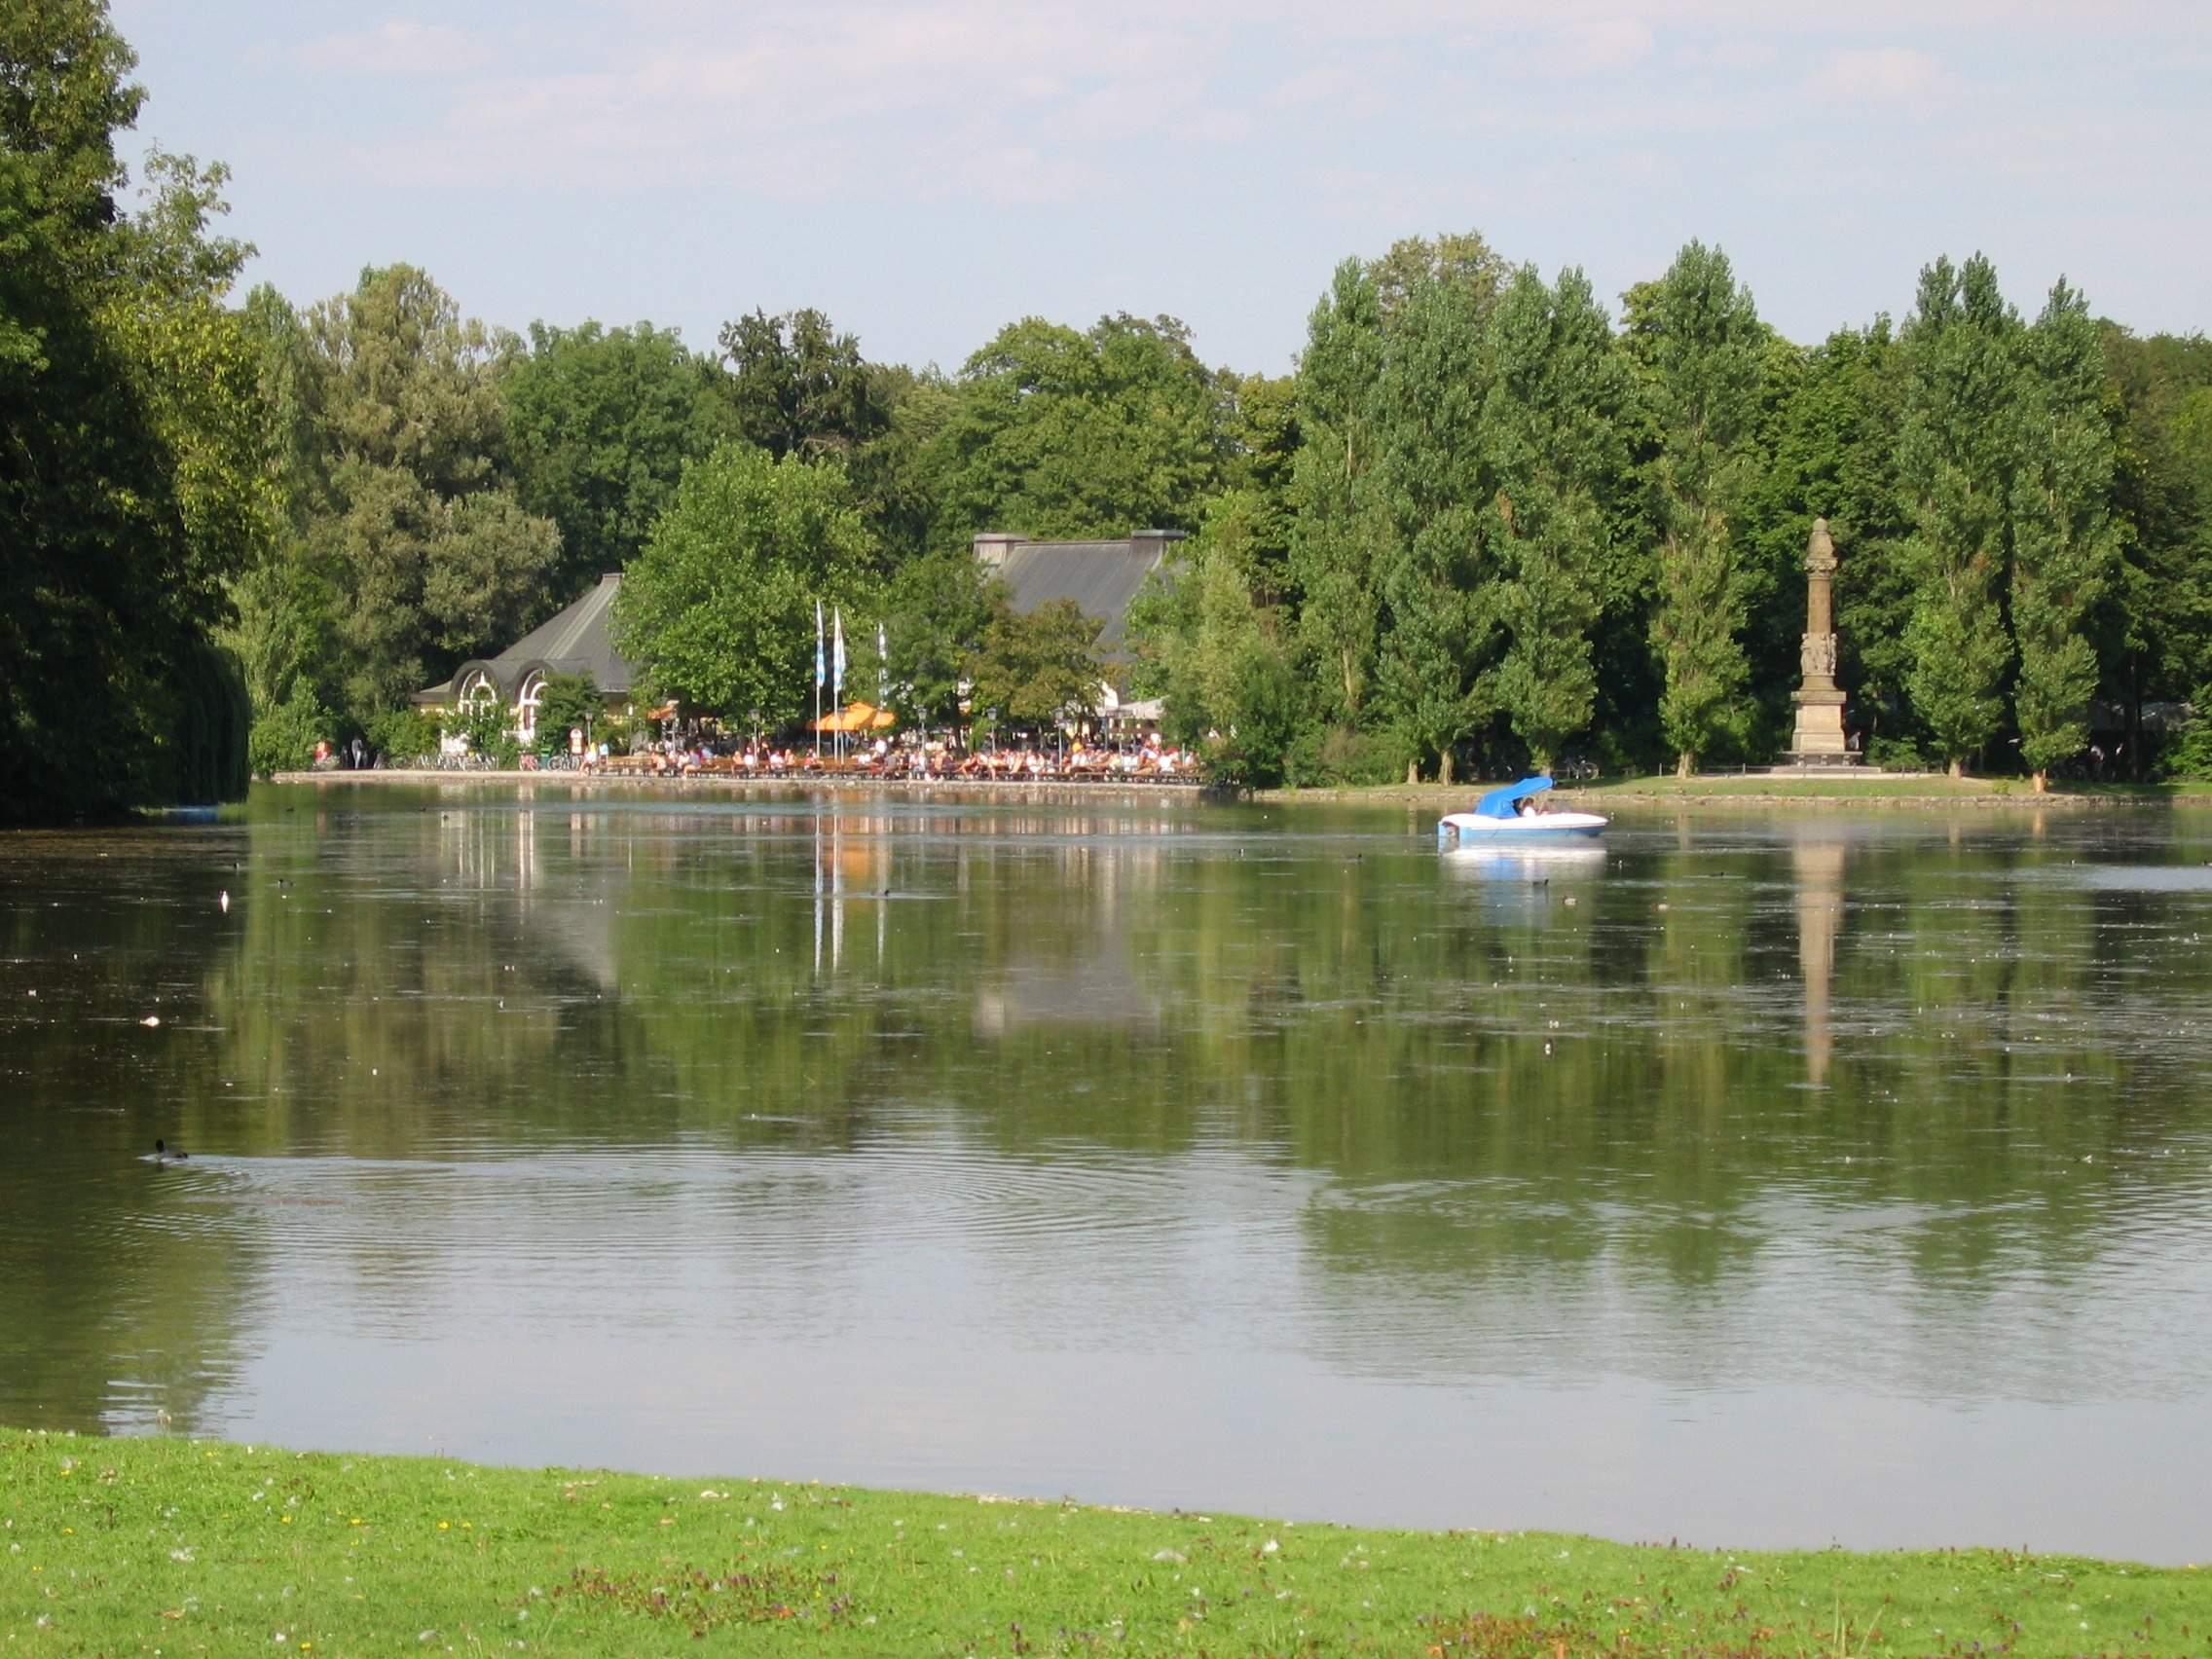 Biergarten Englischer Garten Neu Datei Kleinhesseloher See Mit Denkmal Und Biergarten